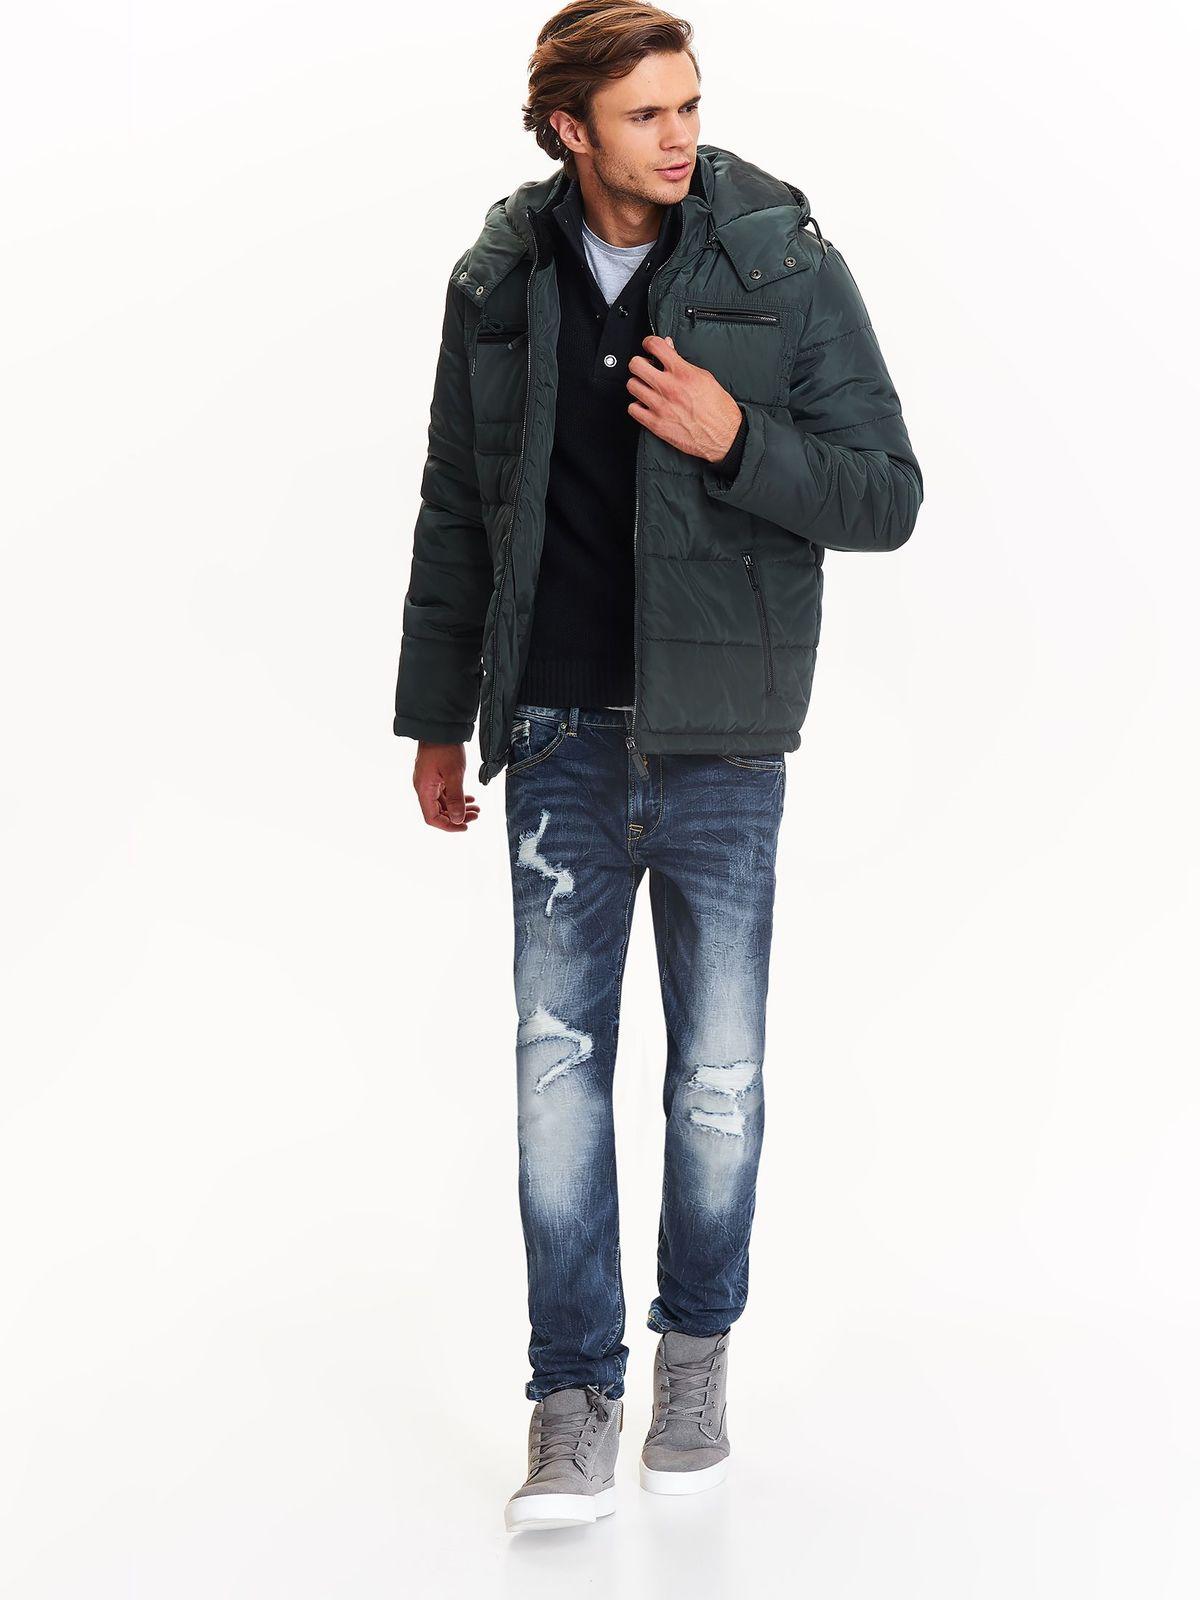 Куртка мужская Top Secret, цвет: зеленый. SKU0820CZ. Размер M (46)SKU0820CZМужская куртка Top Secret выполнена из высококачественного материала. Модель с капюшоном застегивается на молнию. Спереди расположены два прорезных кармана на молниях.